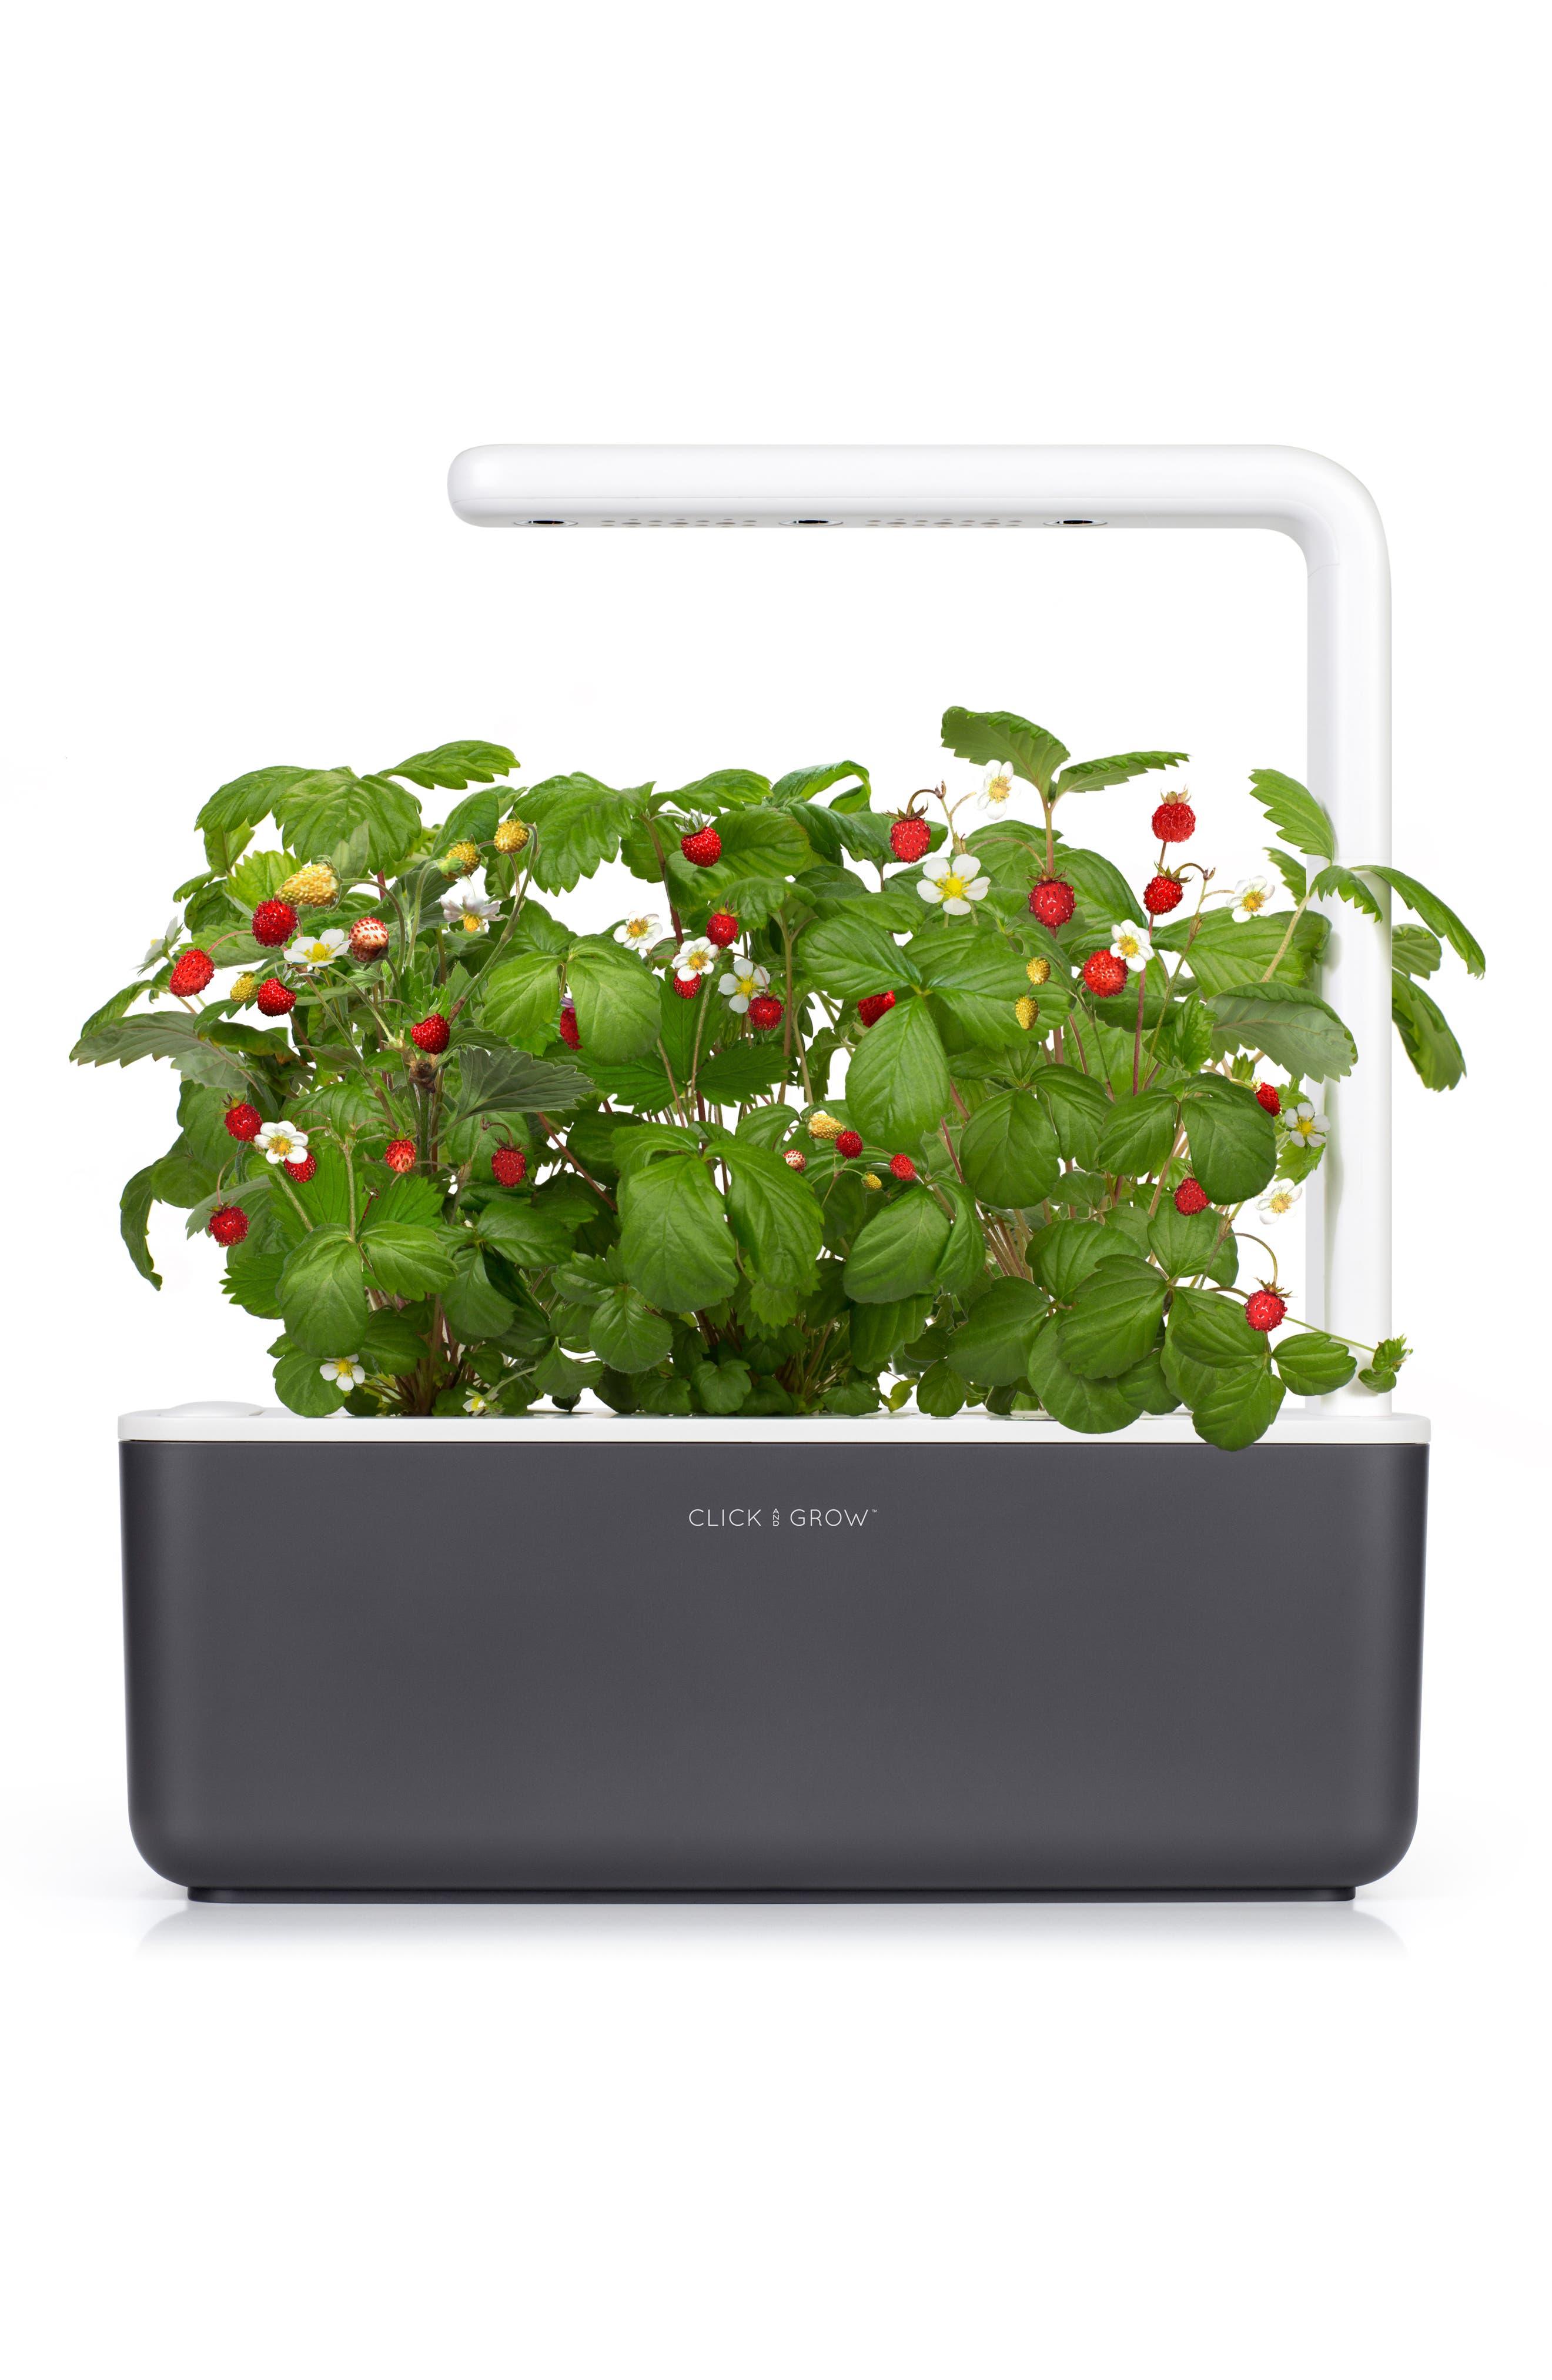 Smart Garden 3 Self Watering Indoor Garden,                             Main thumbnail 1, color,                             GREY